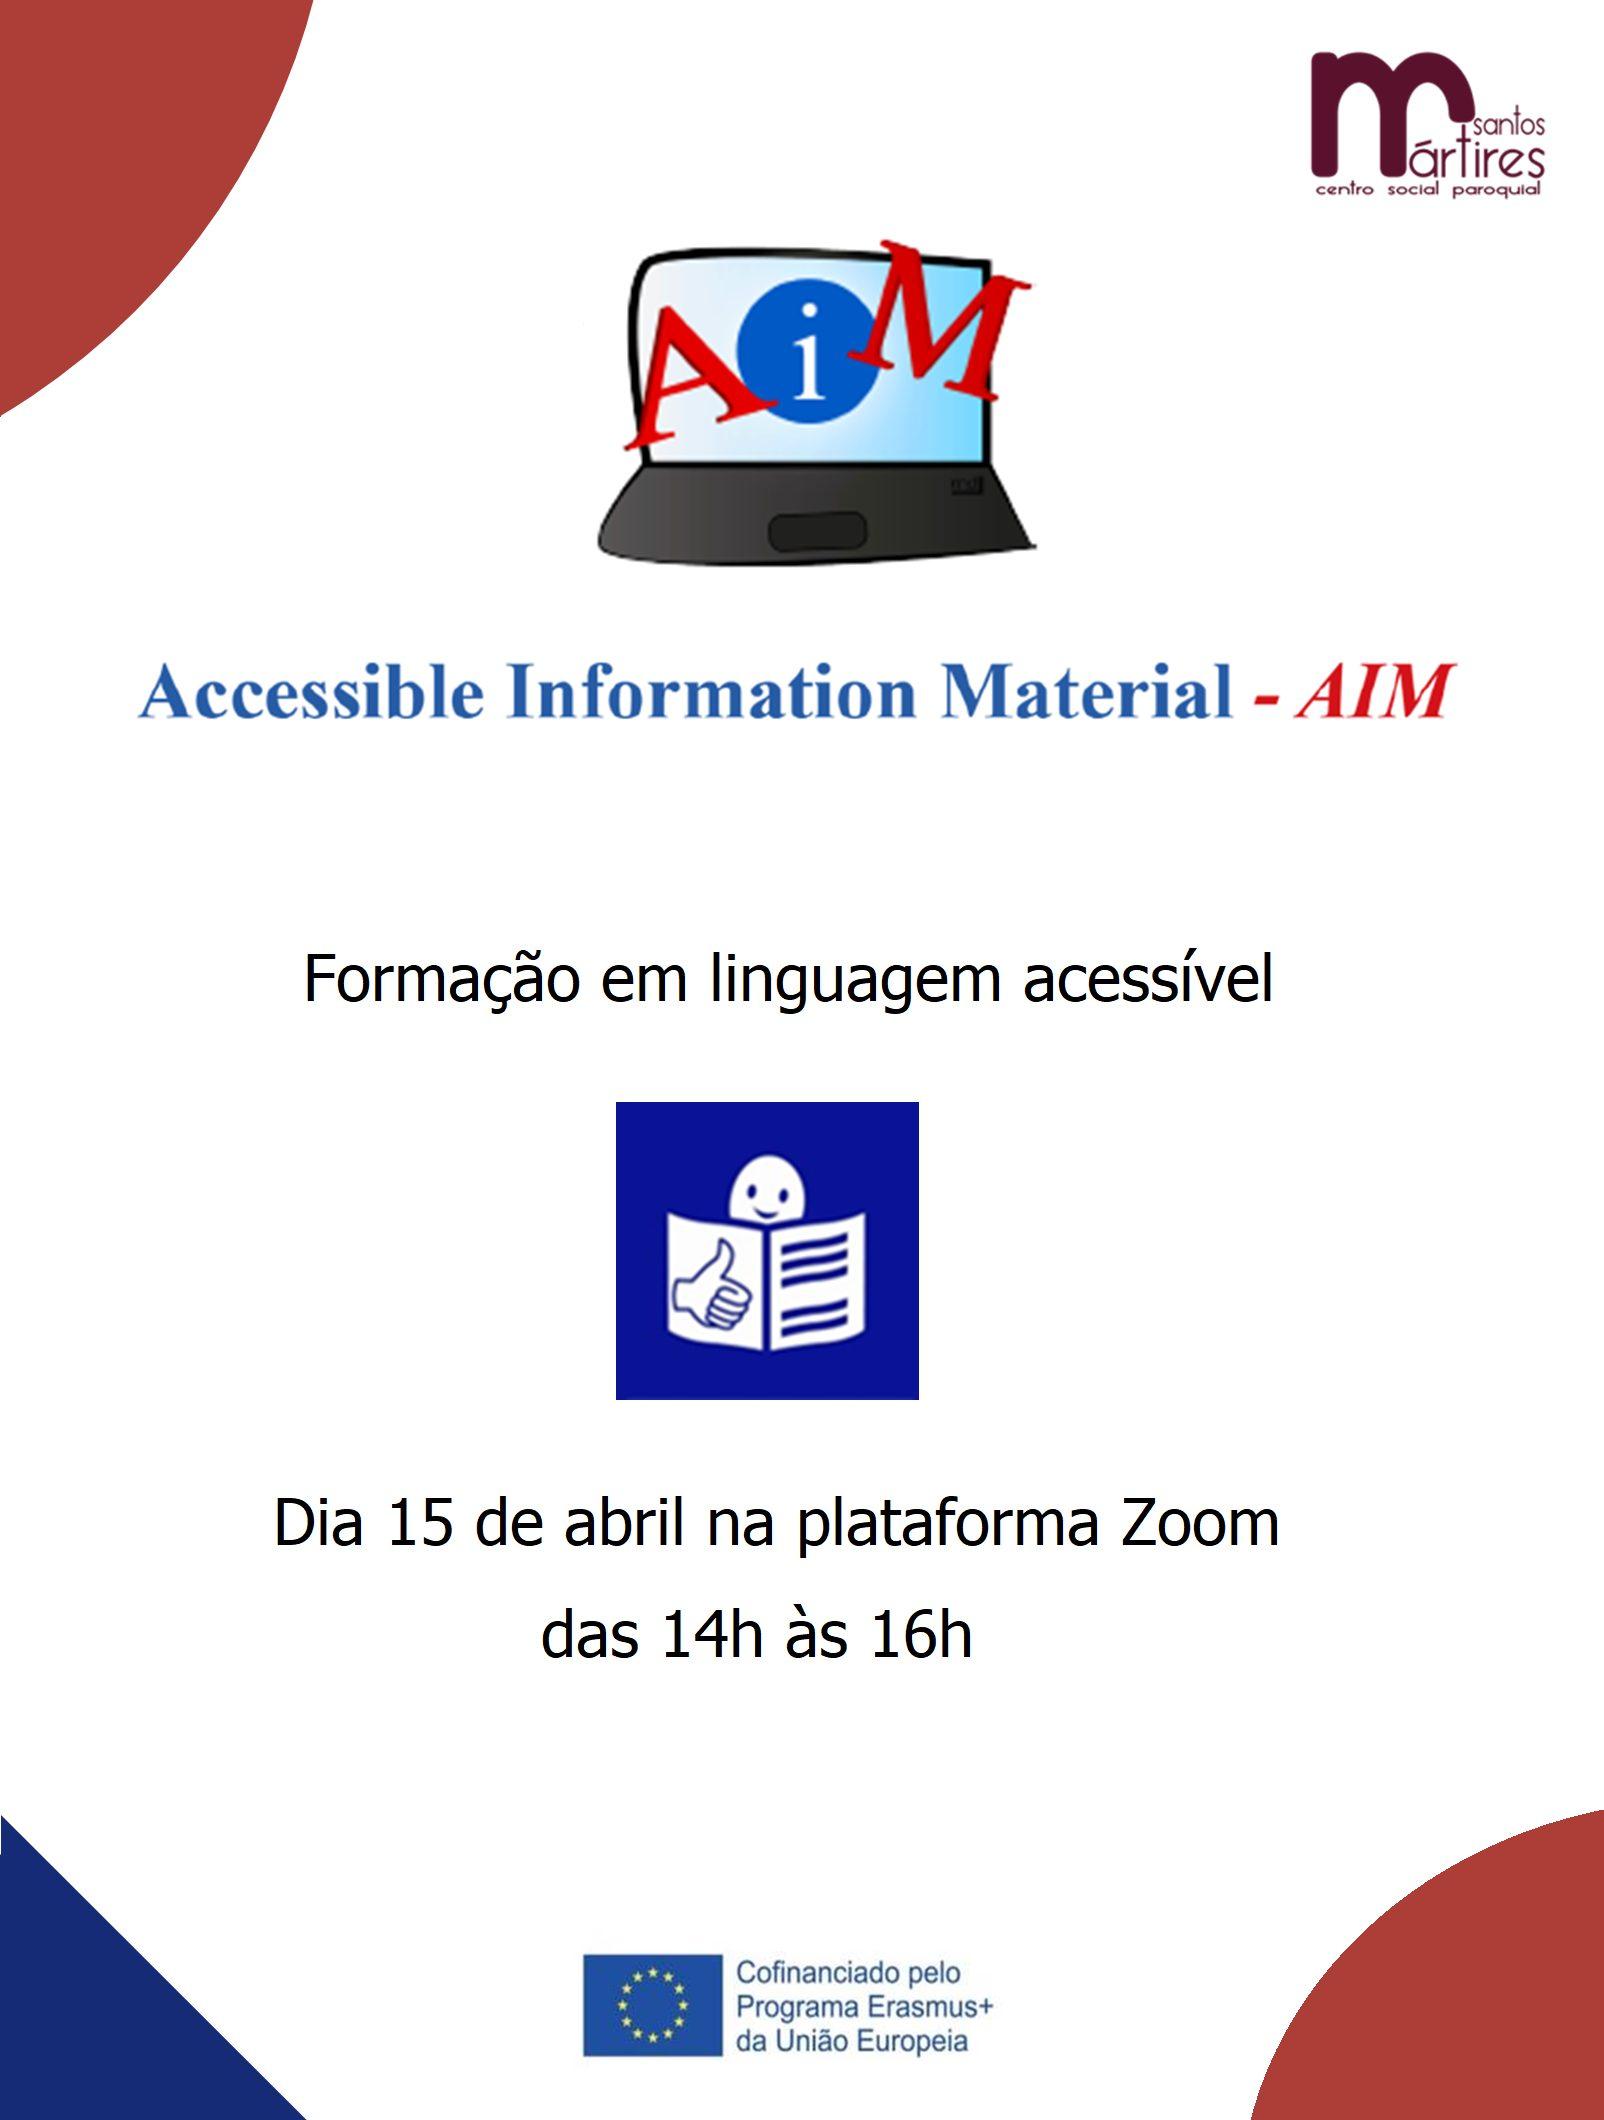 AIM Formação em linguagem acessível